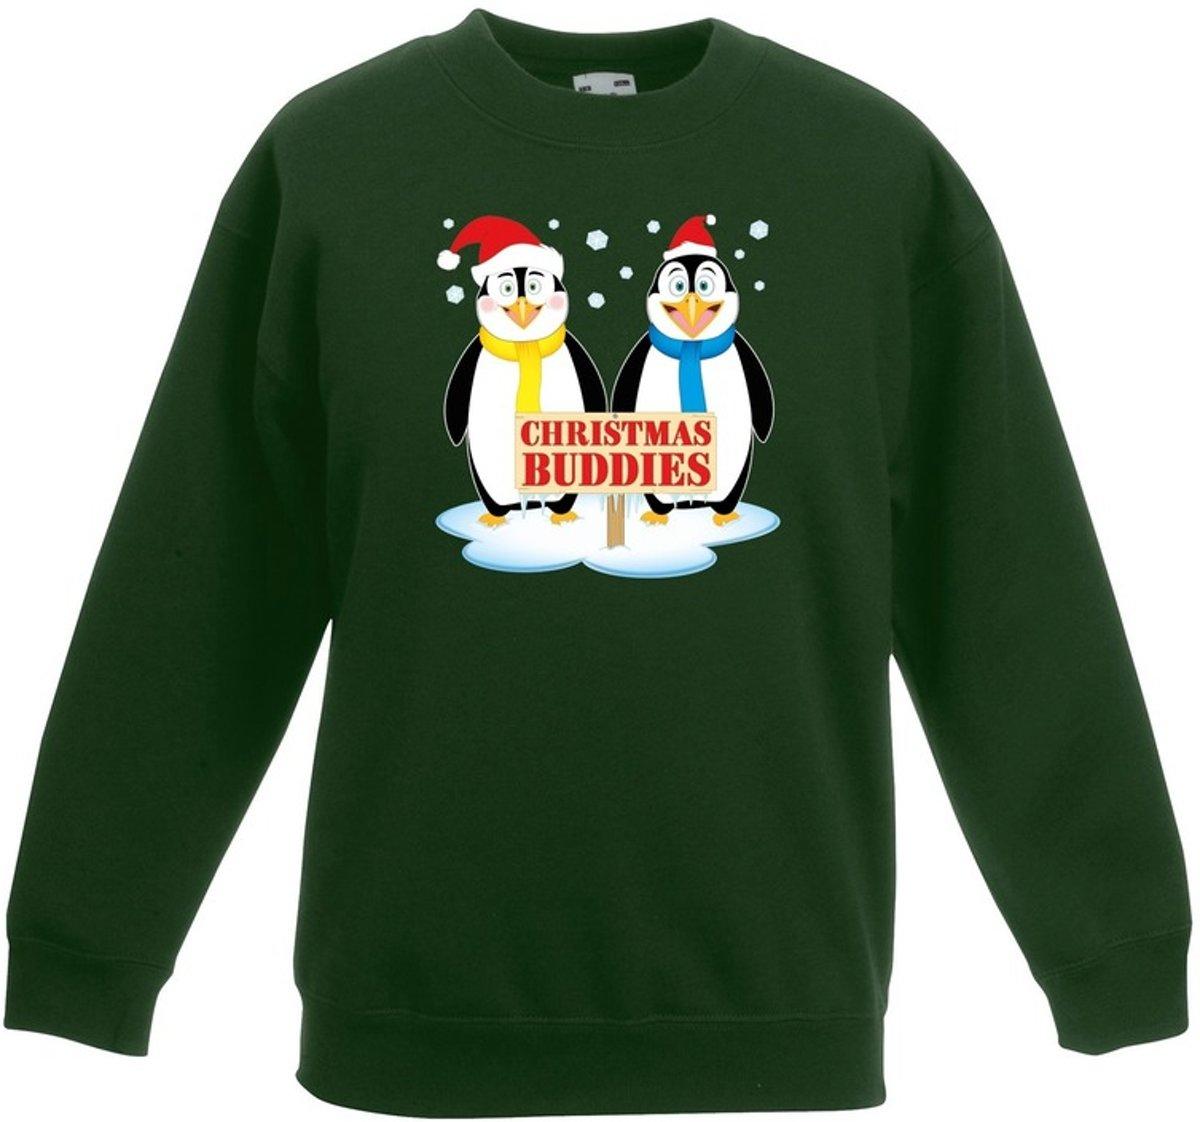 Groene kersttrui met 2 pinguin vriendjes voor jongens en meisjes - Kerstruien kind 14-15 jaar (170/176) kopen